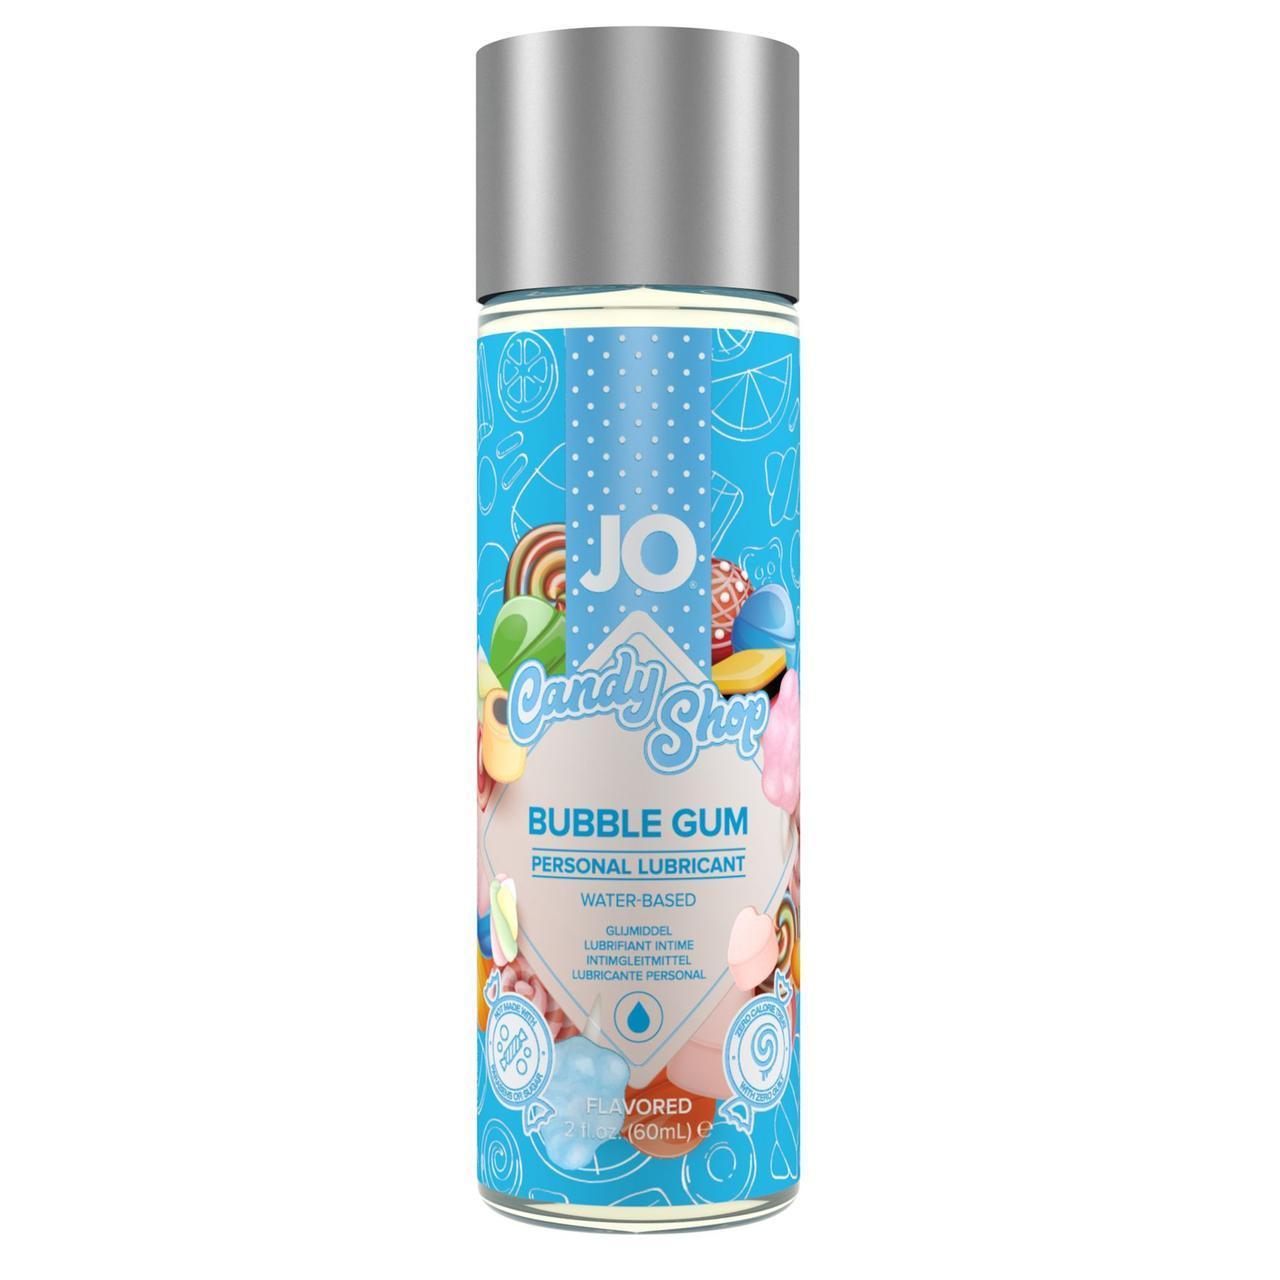 Оральный лубрикант на водной основе System JO H2O Candy Shop Bubblegum